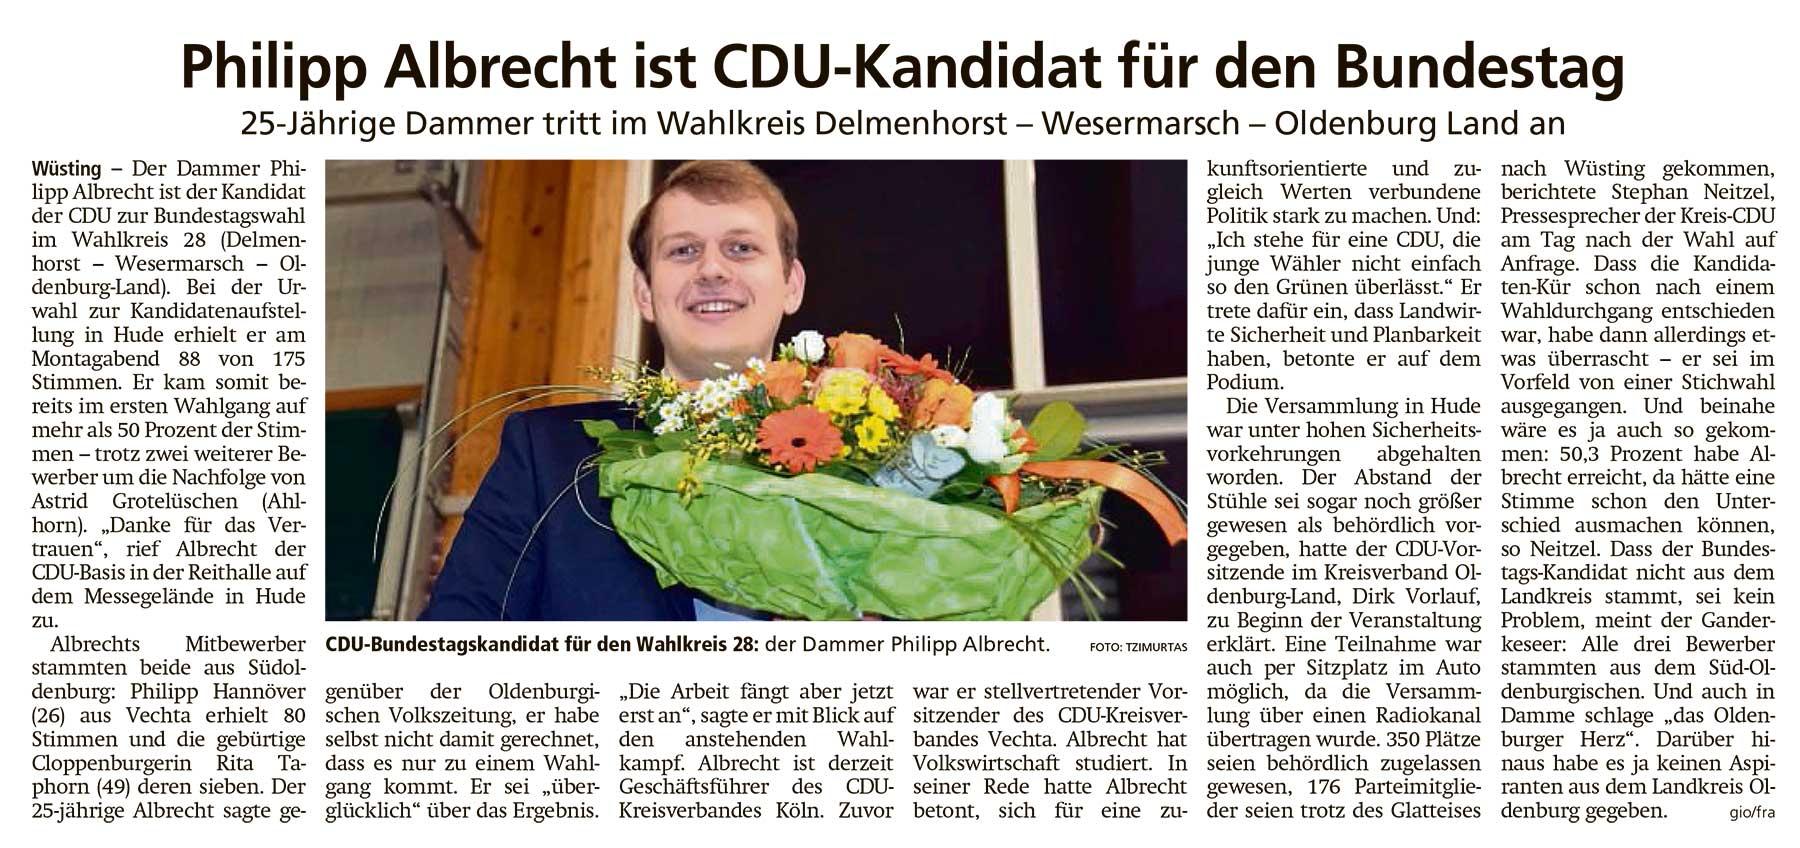 Philipp Albrecht ist CDU-Kandidat für den Bundestag25-Jährige Dammer tritt im Wahlkreis Delmenhorst-Wesermarsch-Oldenburg-Land anArtikel vom 17.02.2021 (WZ)